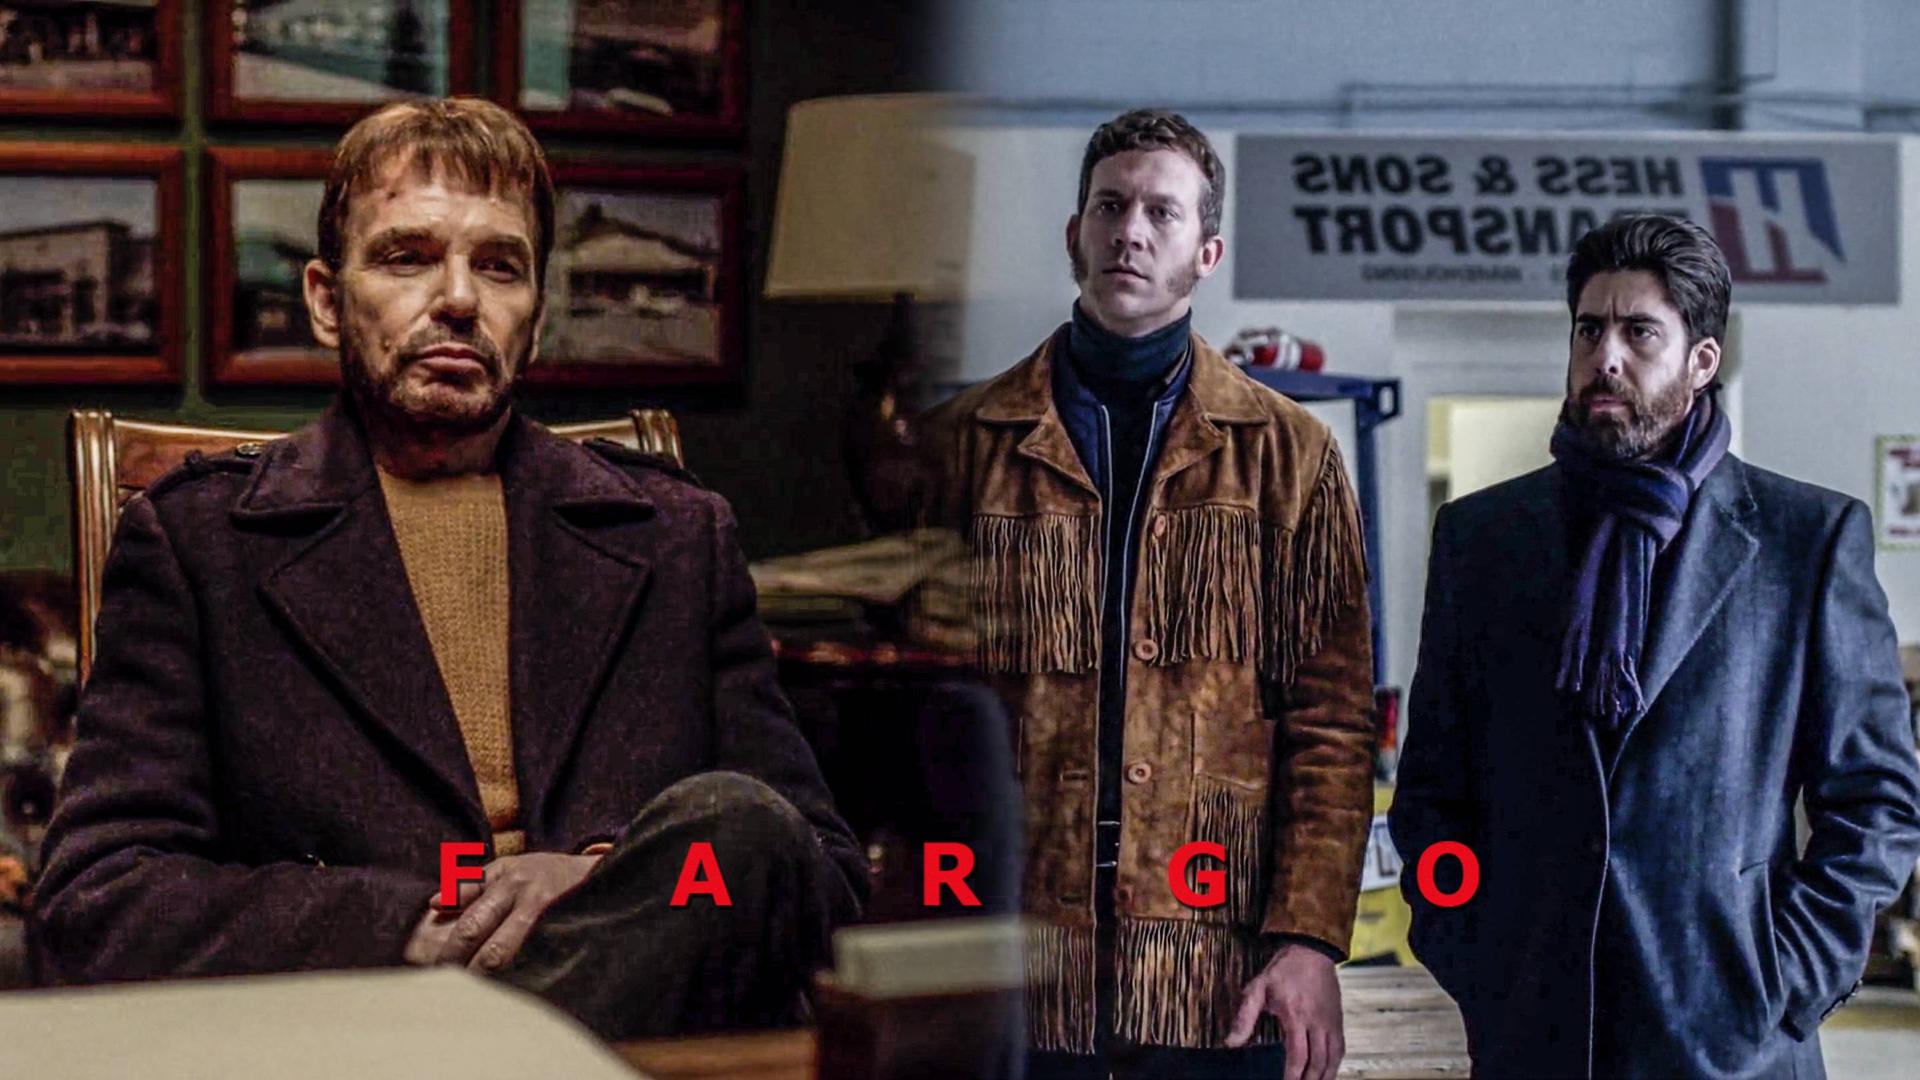 【墨菲】《冰血暴》第一季2期:Fargo集团登场!神秘杀手遭遇黑白两道夹击